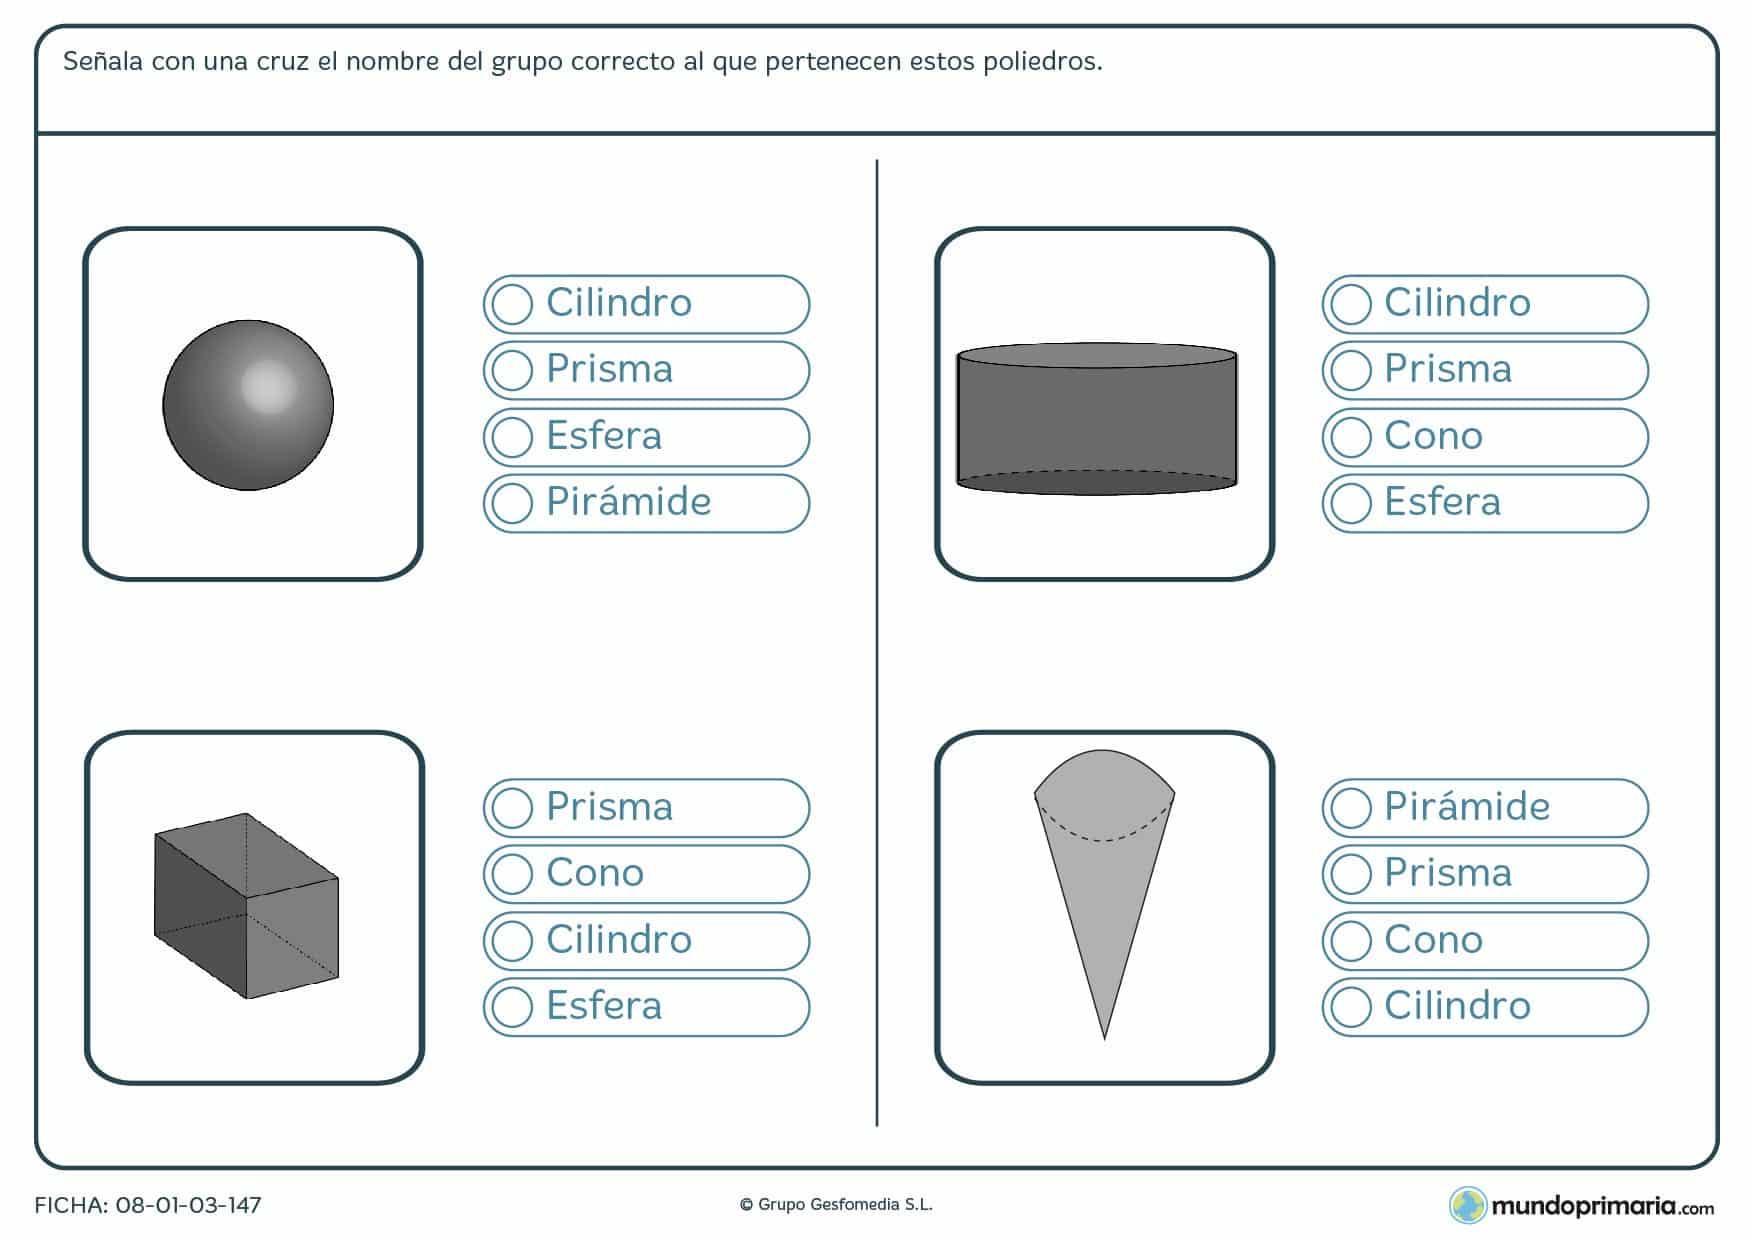 Ficha del poliedro correcto que has de marcar al grupo al que pertenece de entre las alternativas que te mostramos.